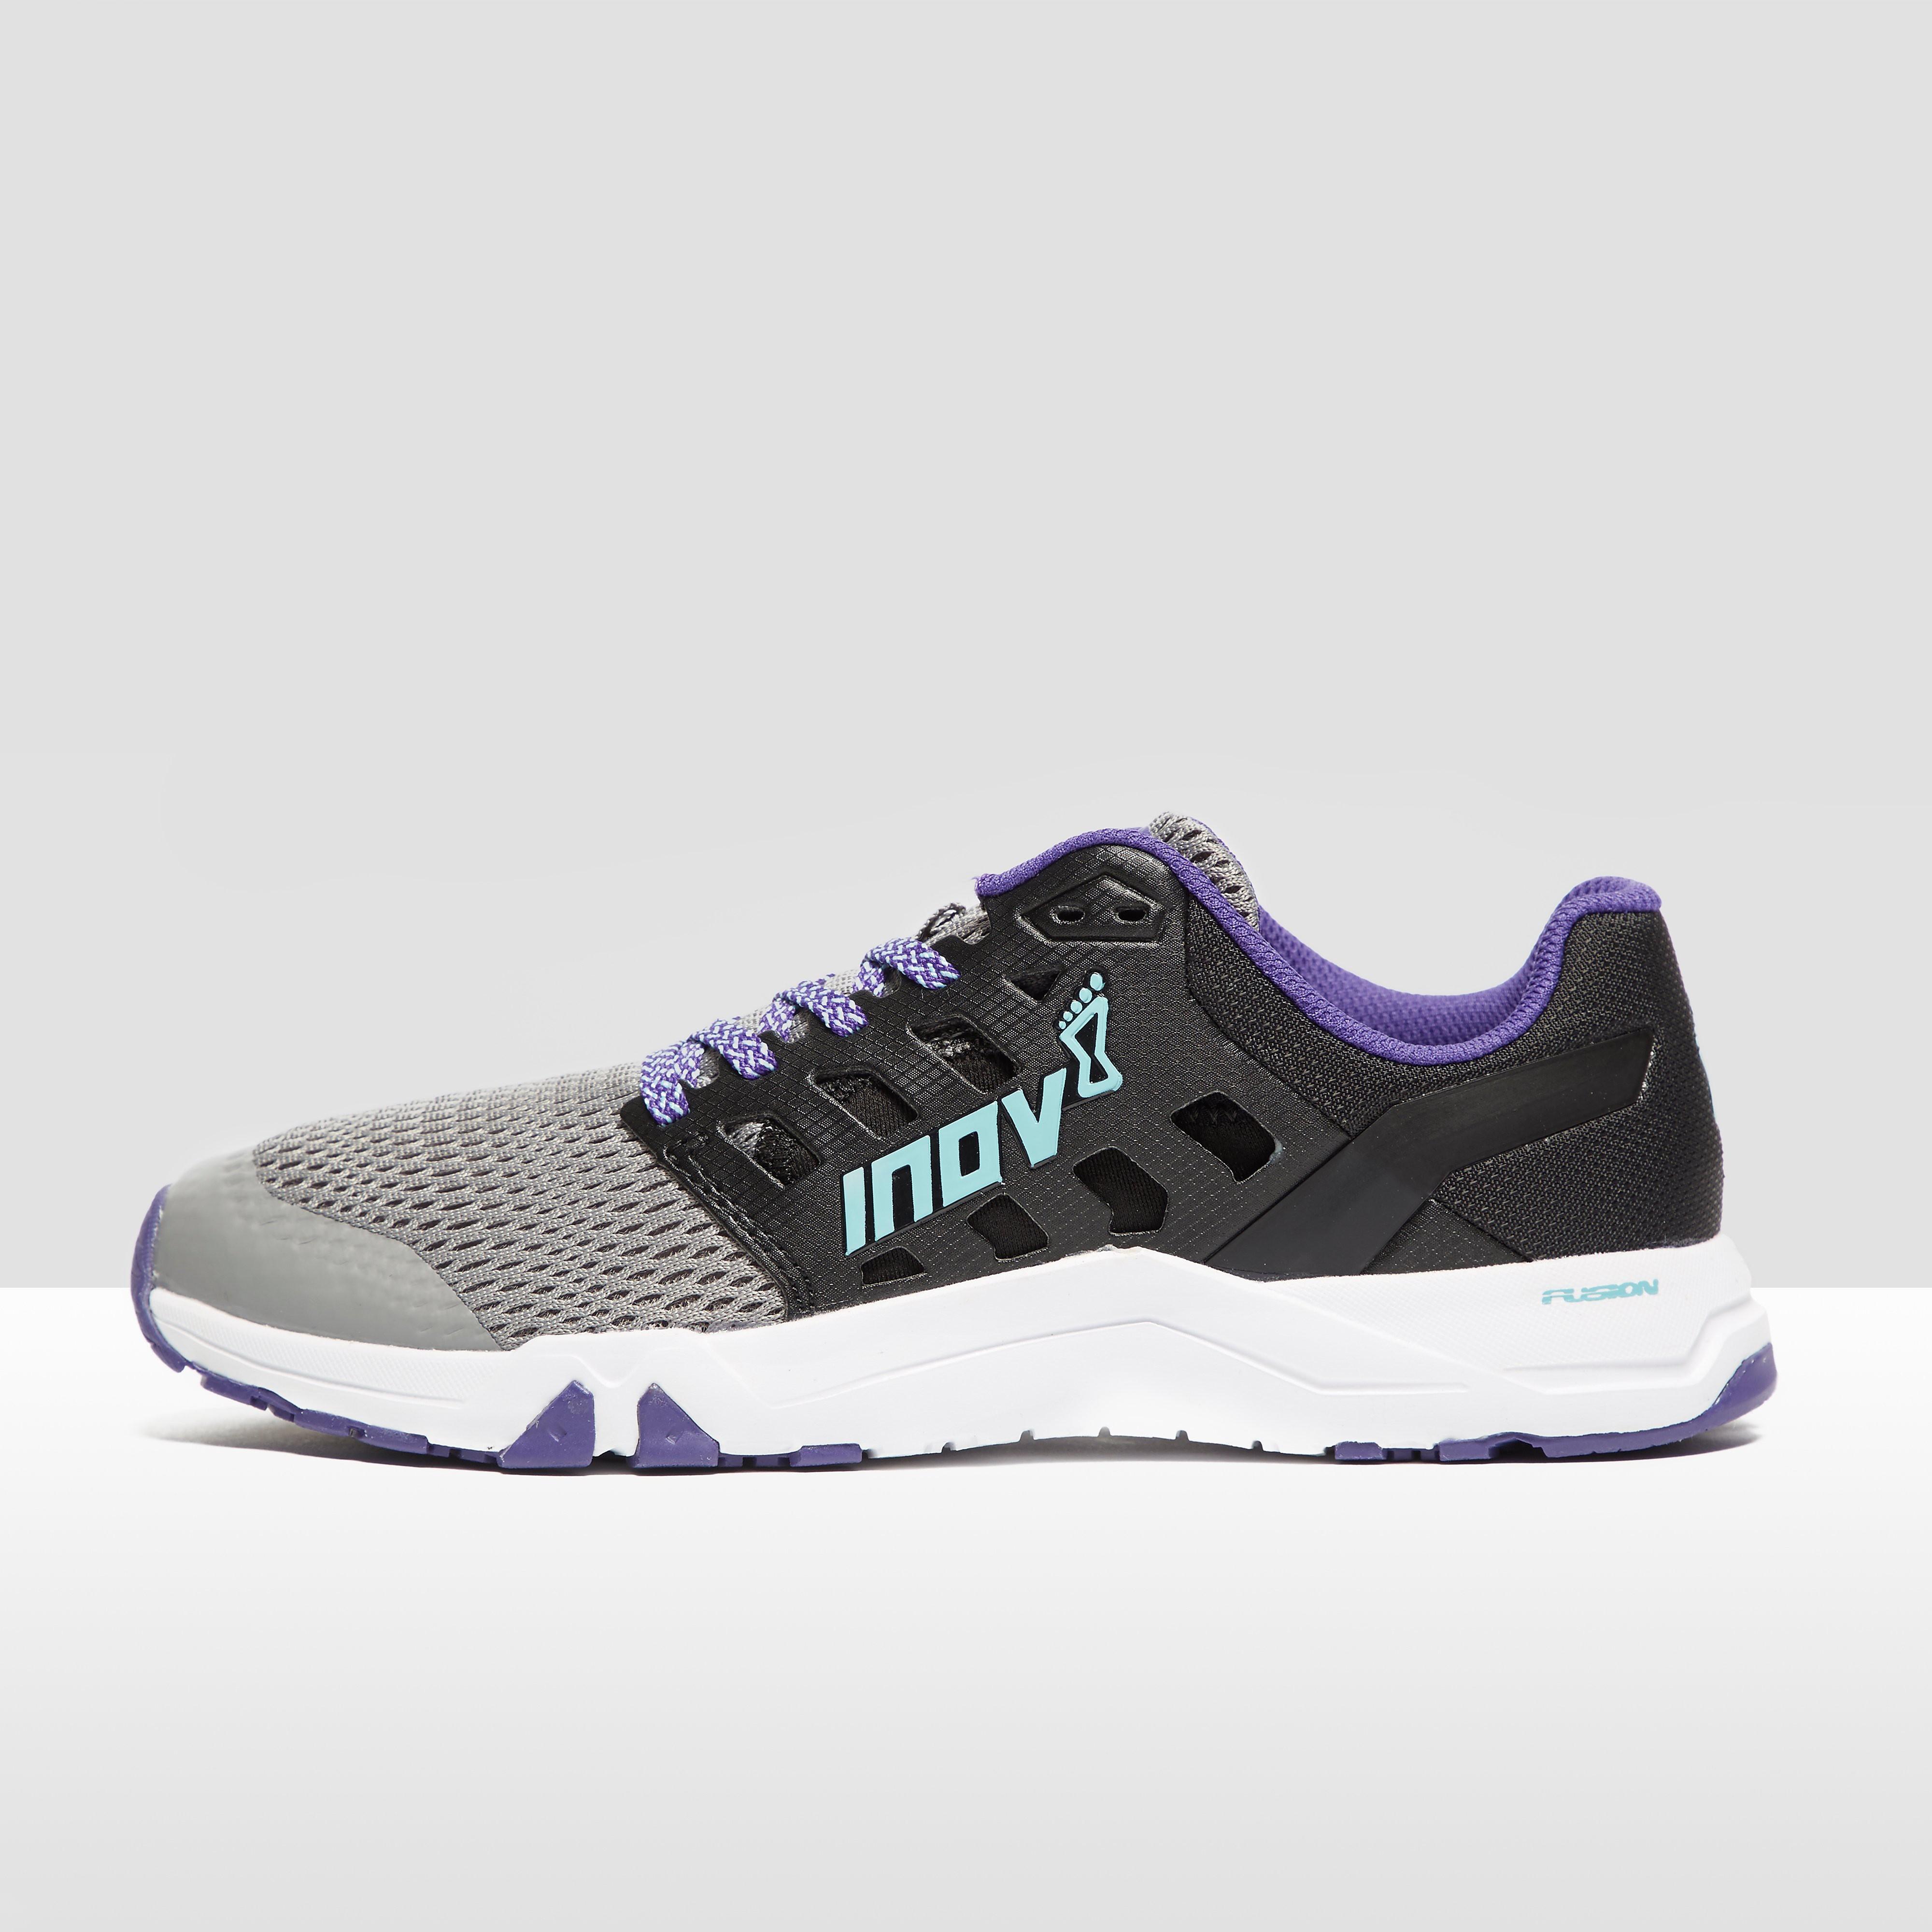 Inov-8 All-train 215 Women's Training Shoes